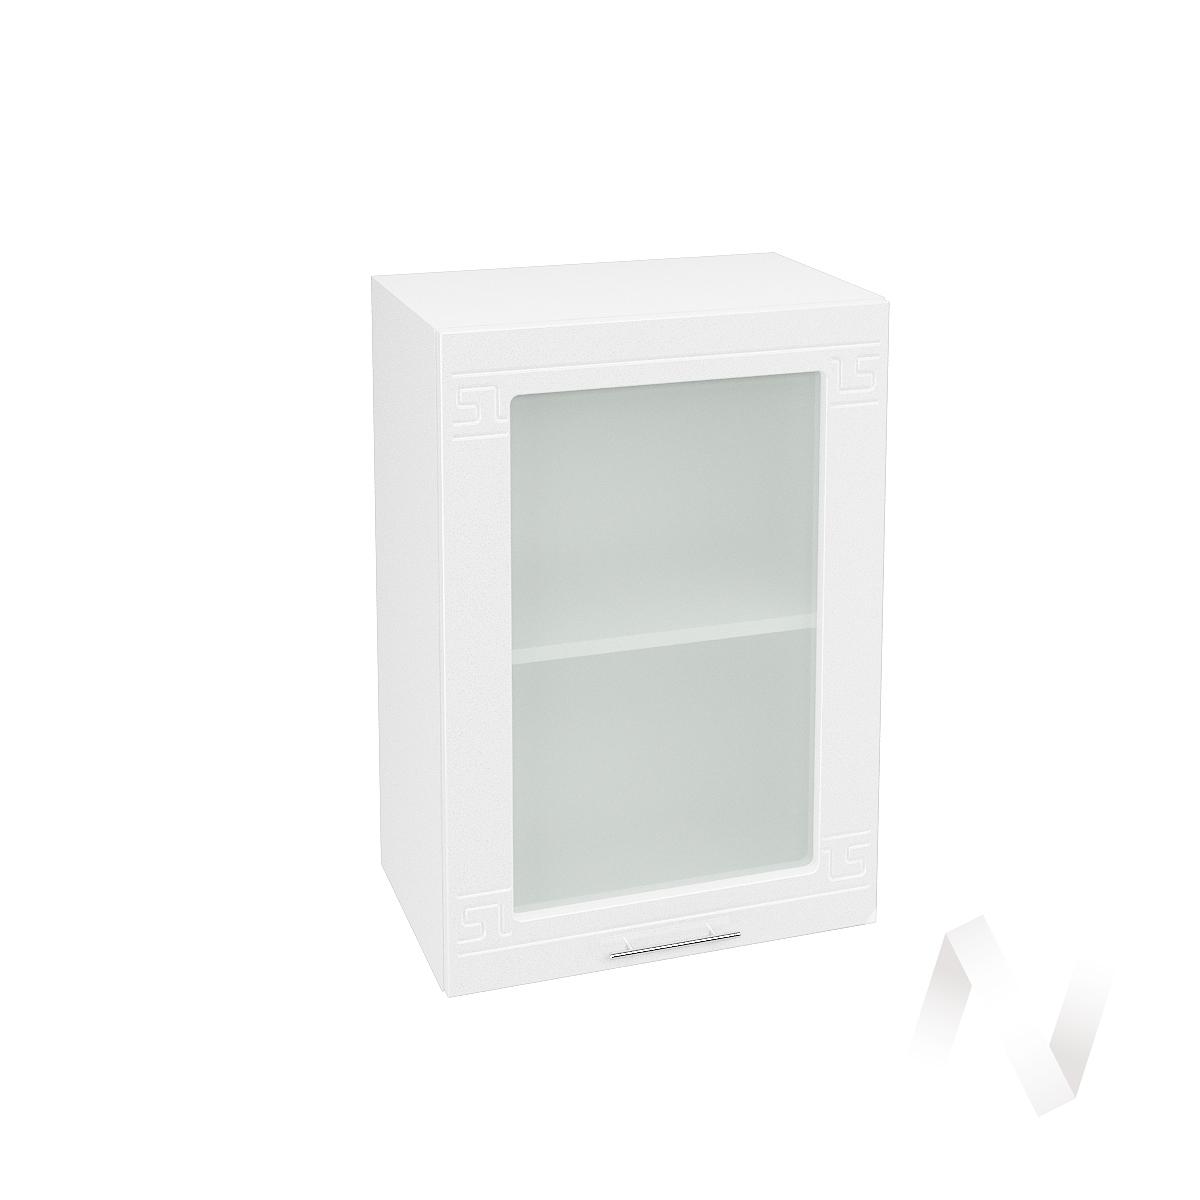 """Кухня """"Греция"""": Шкаф верхний со стеклом 500, ШВС 500 (белый металлик/корпус белый)"""